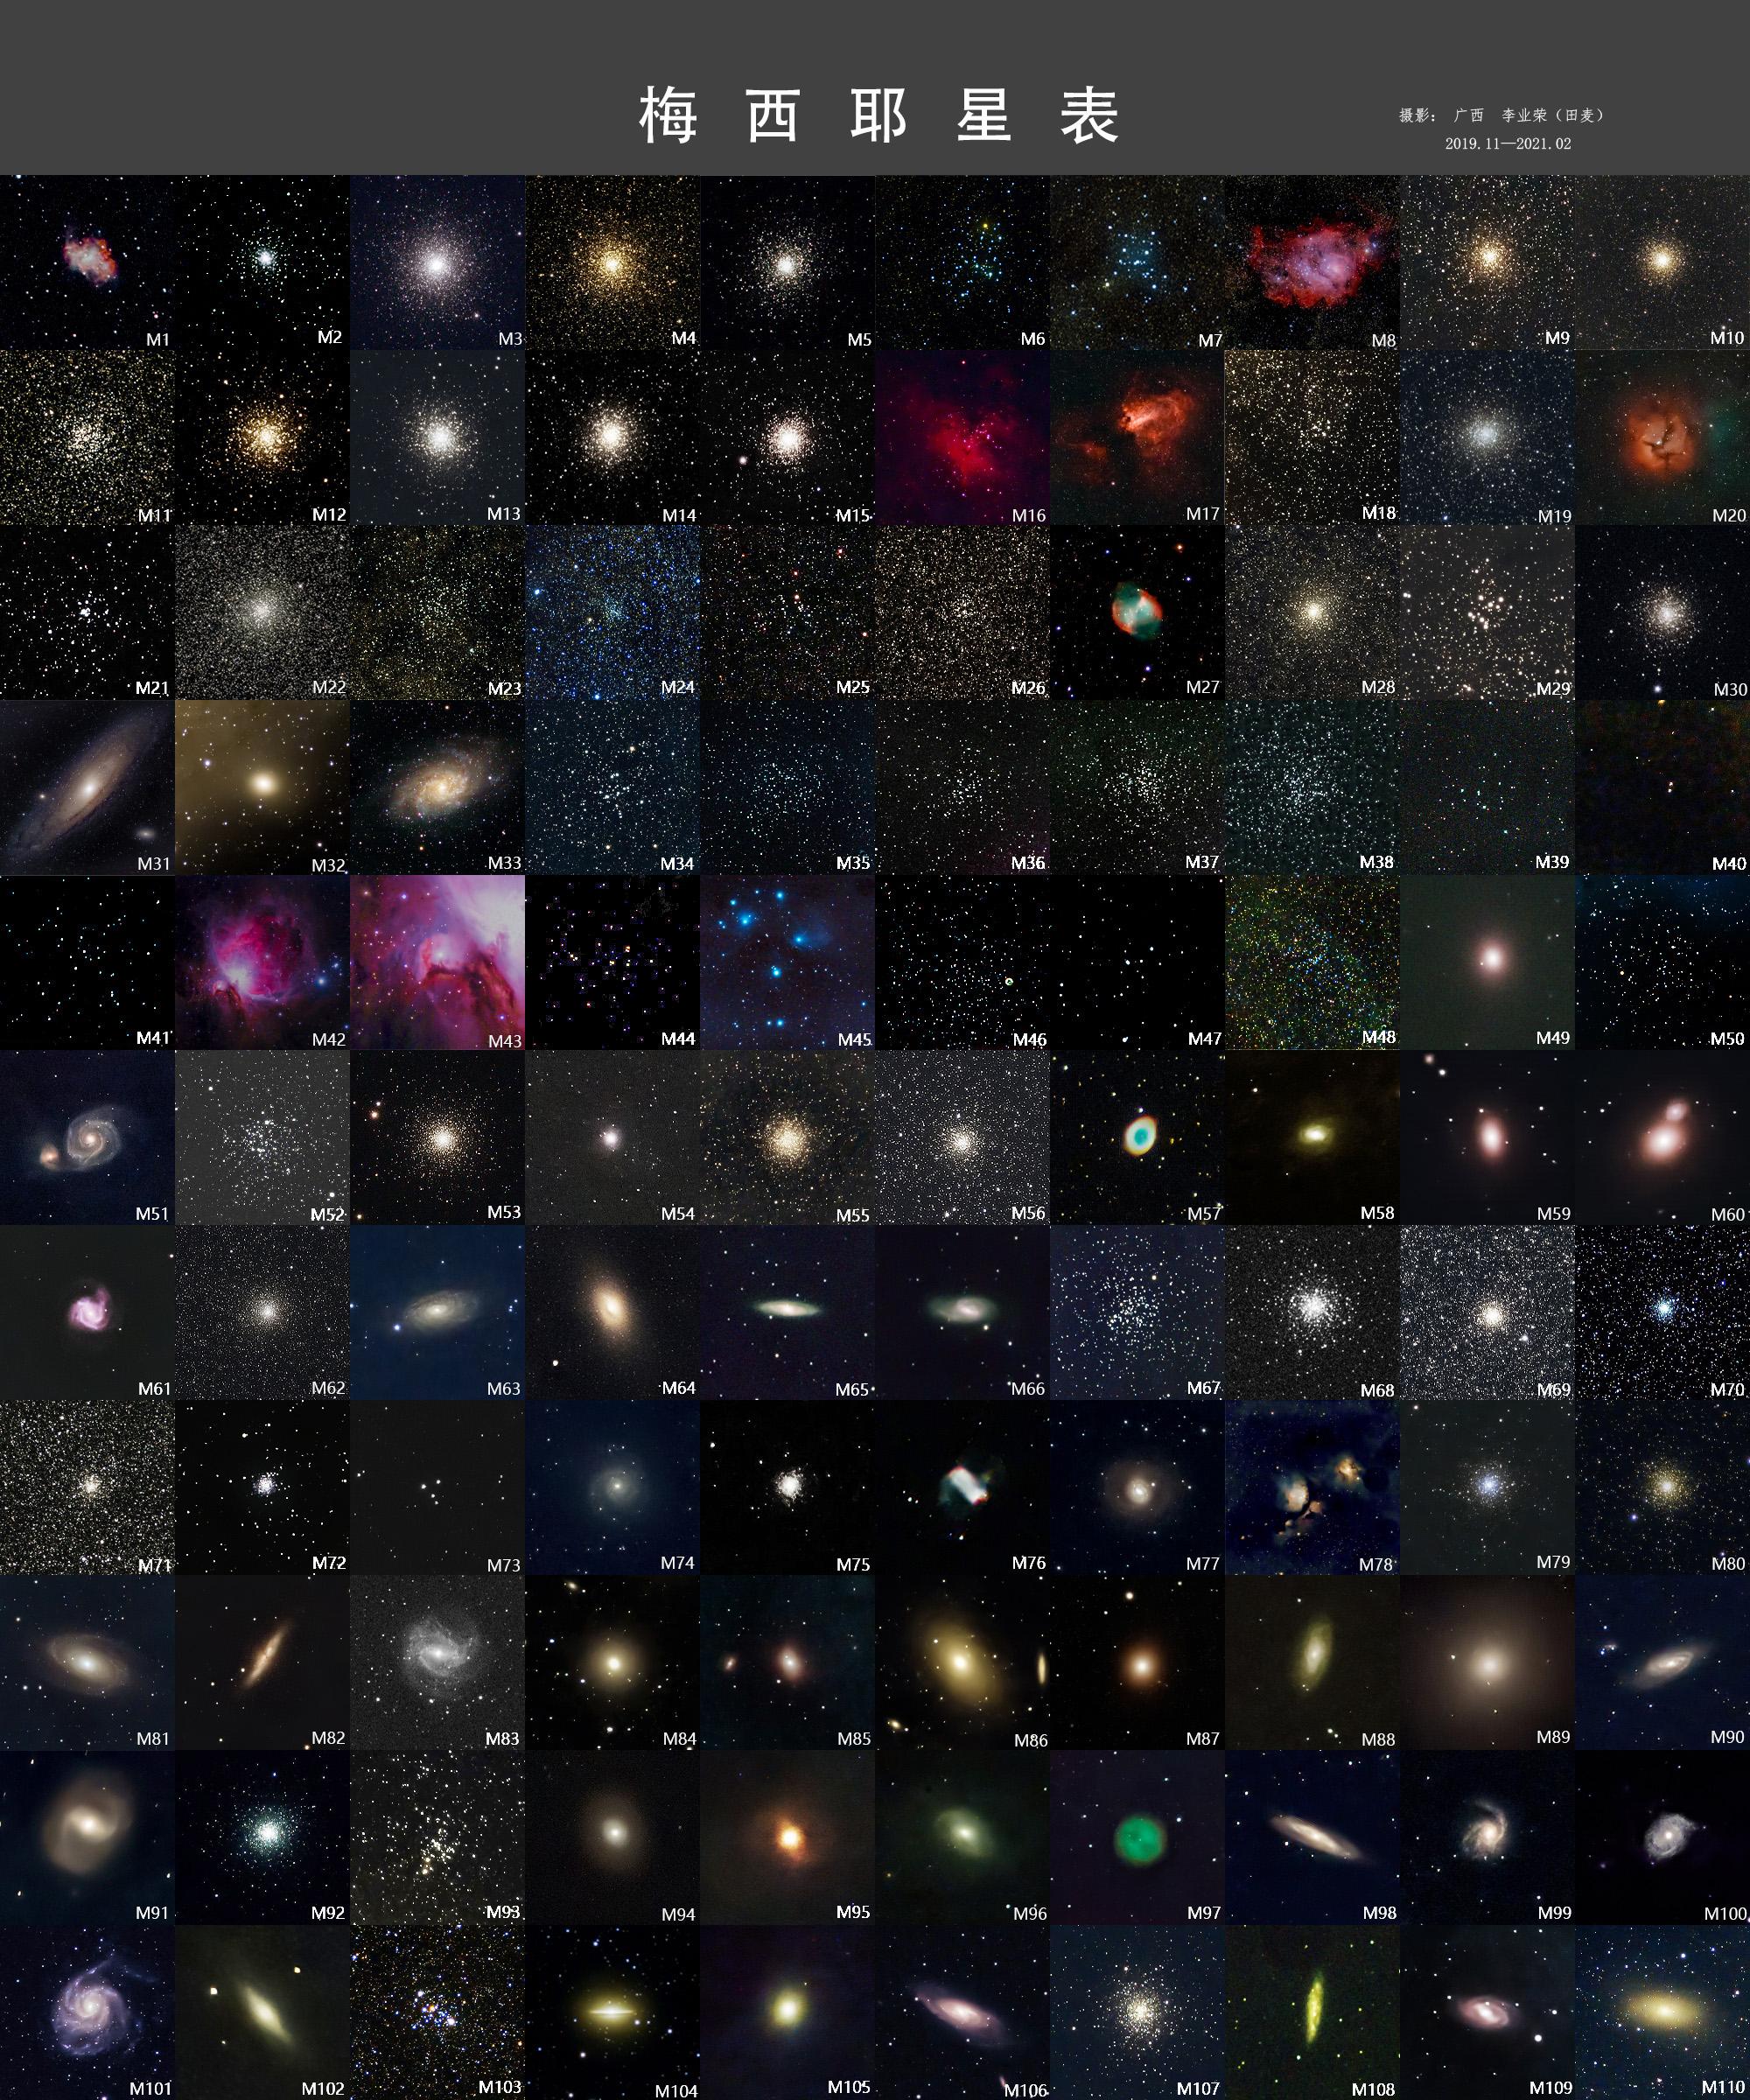 梅西耶星表全表2020-02-21-1.jpg